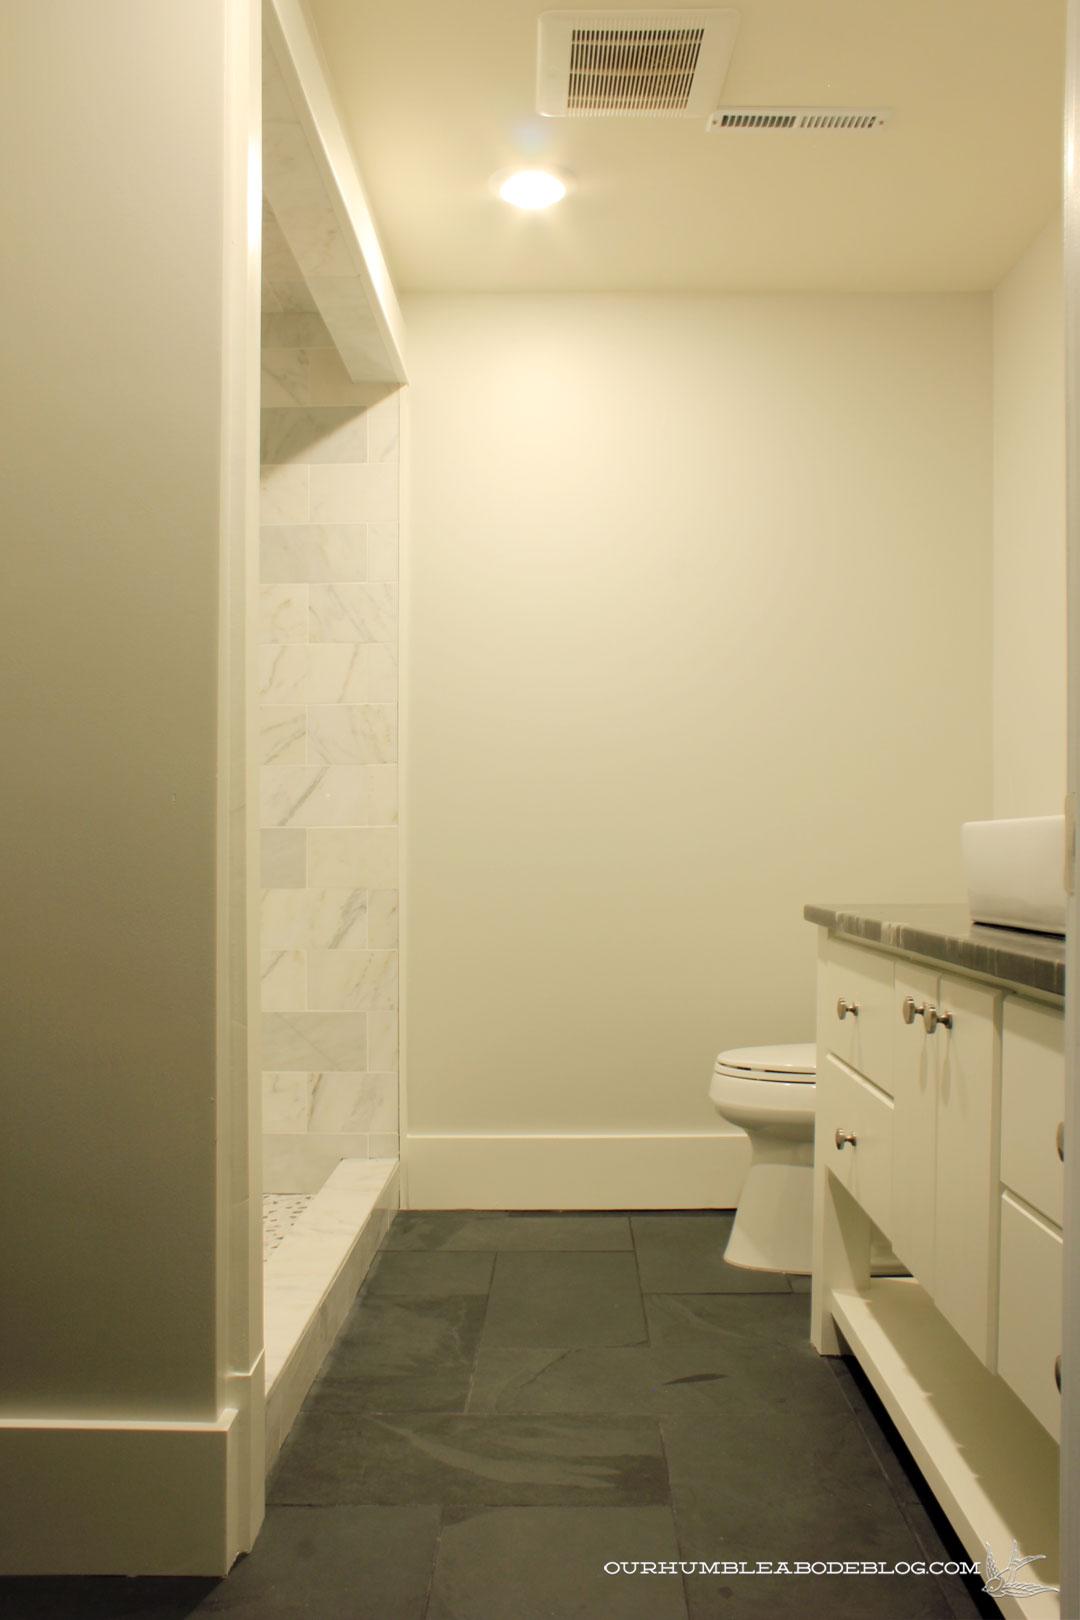 Basement Bathroom From Door 2